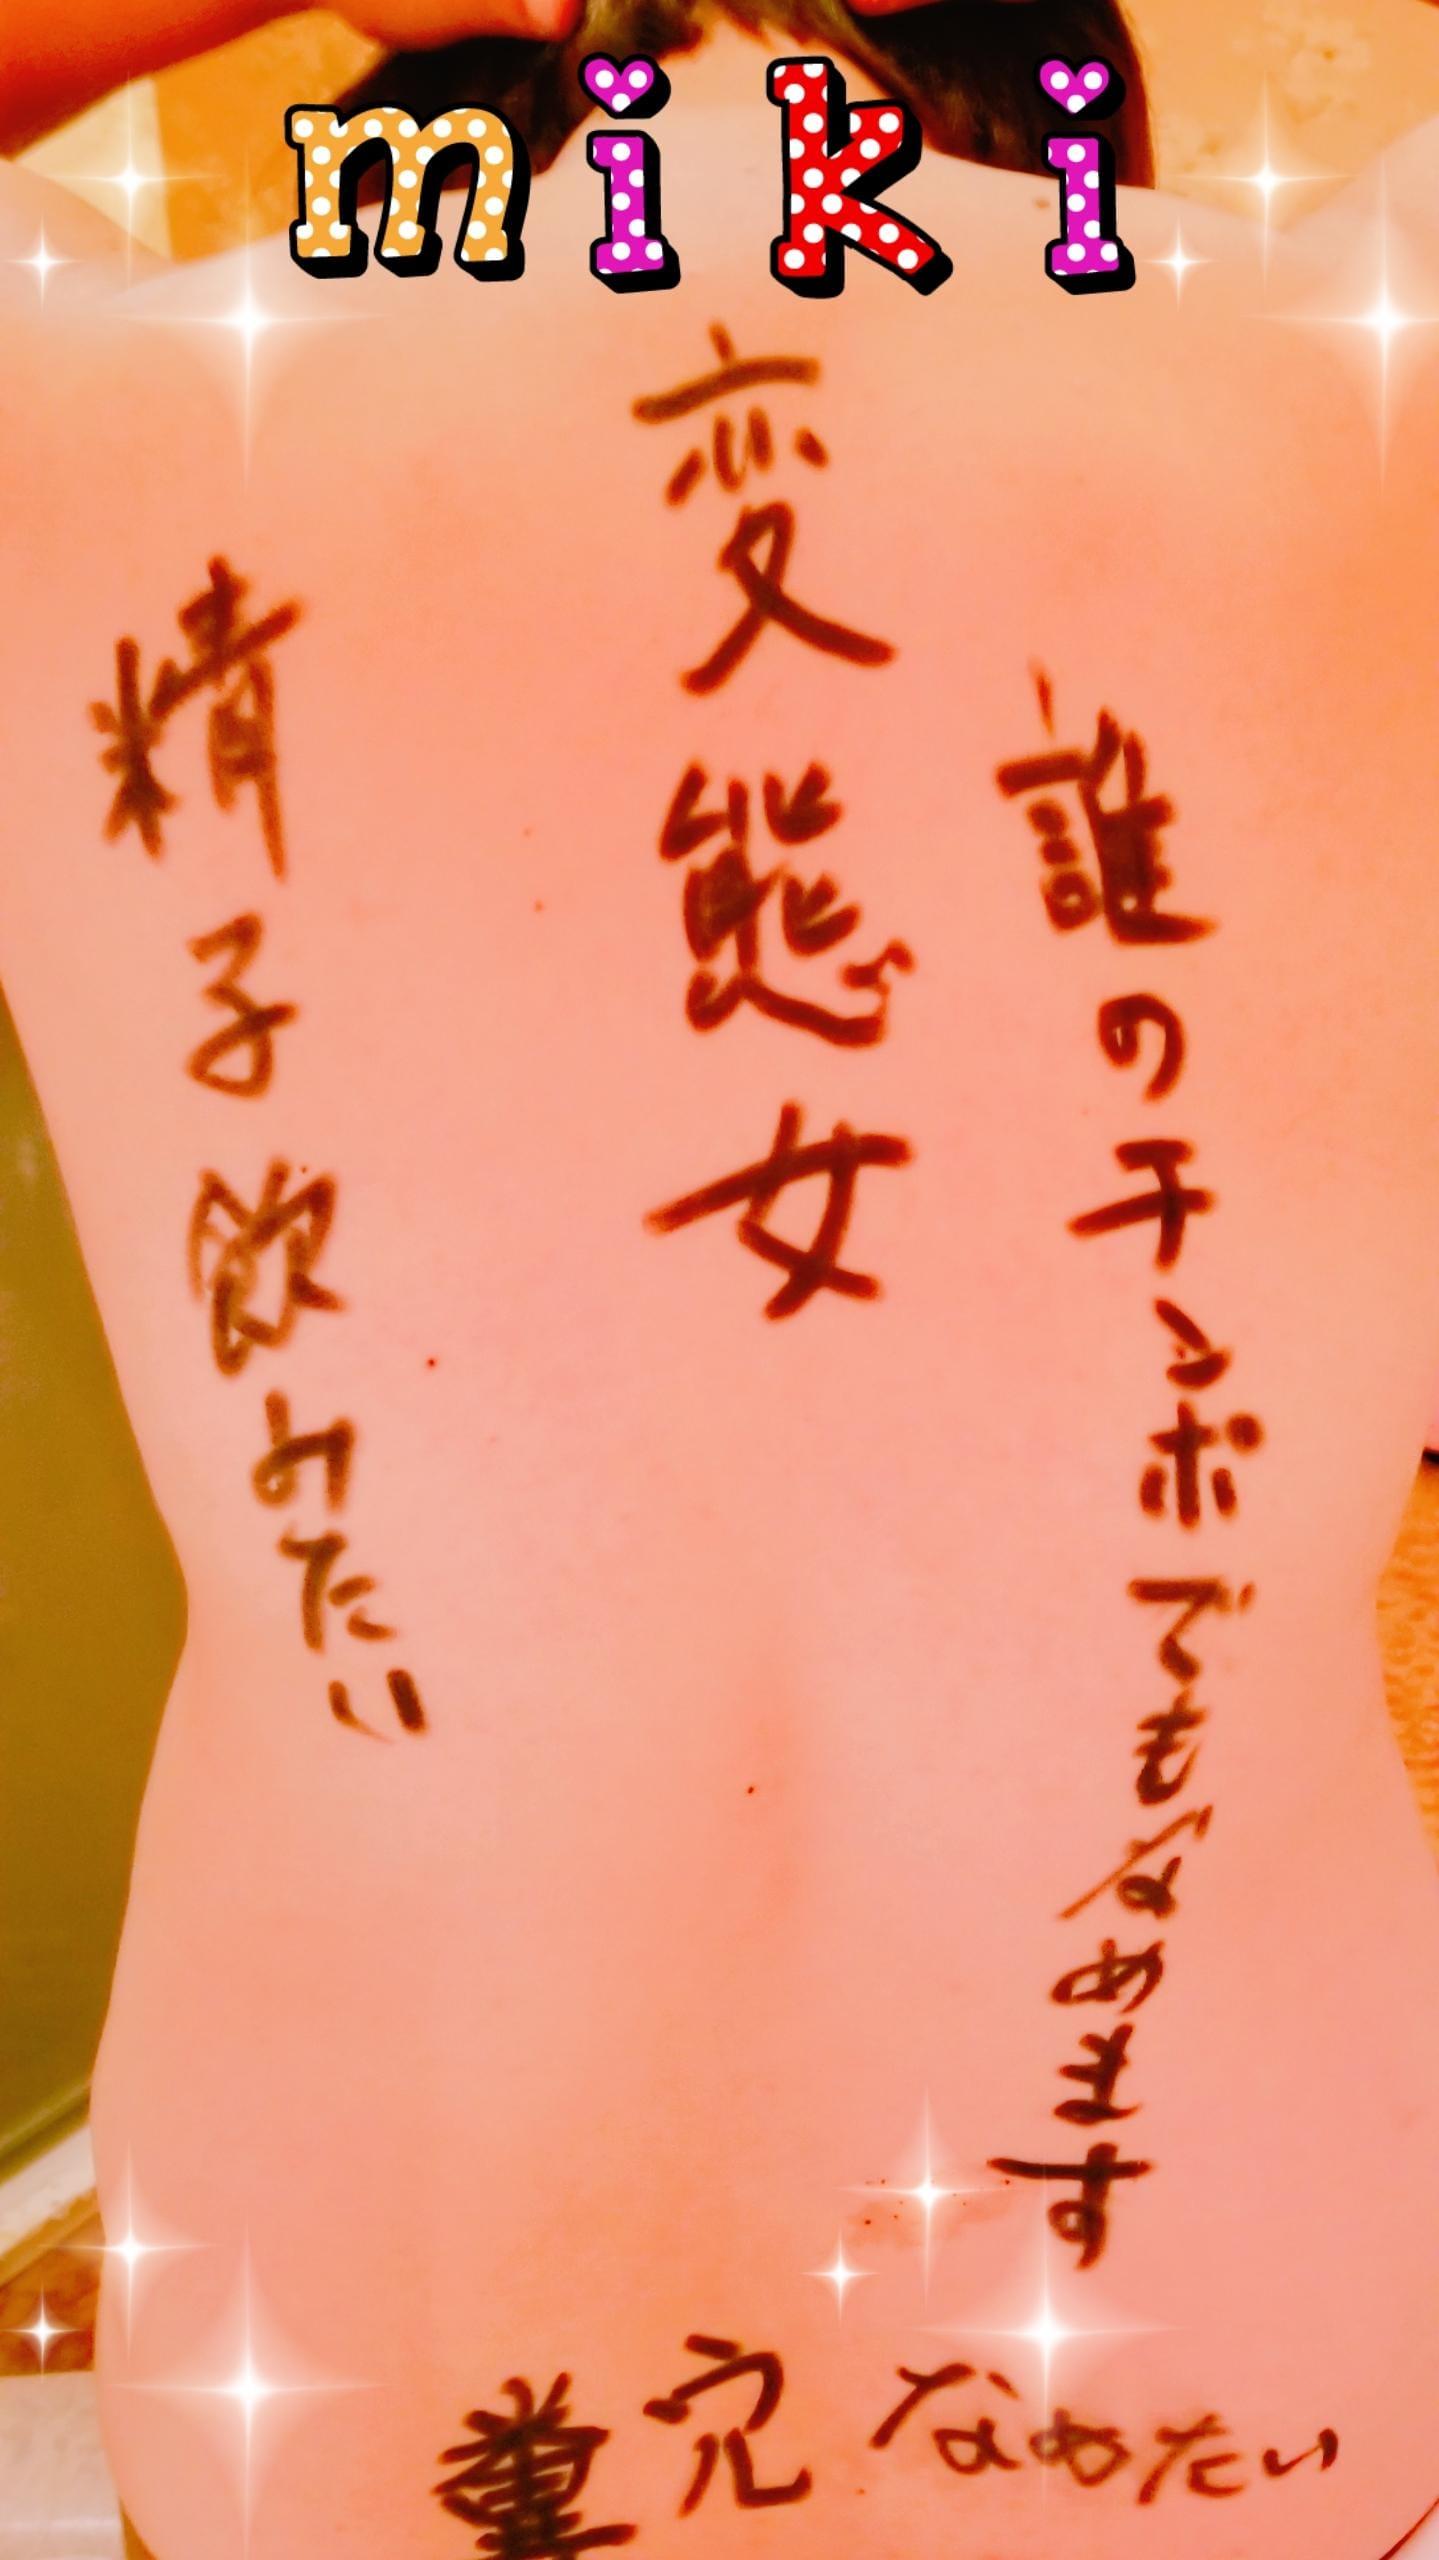 みき「☆みき☆」11/13(火) 14:00 | みきの写メ・風俗動画